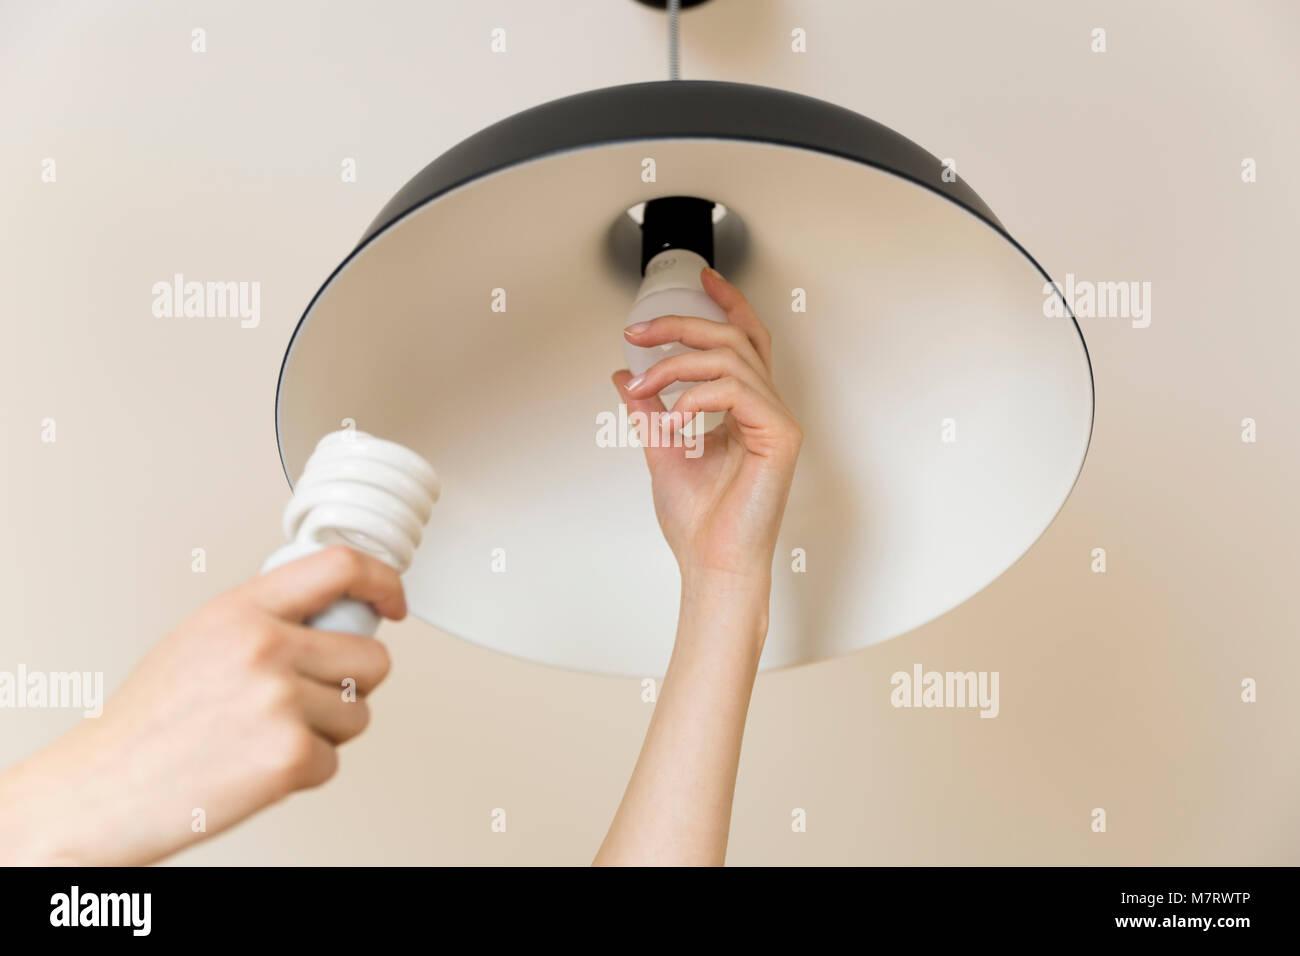 Donna sostituzione lampadina a casa risparmio energetico lampada